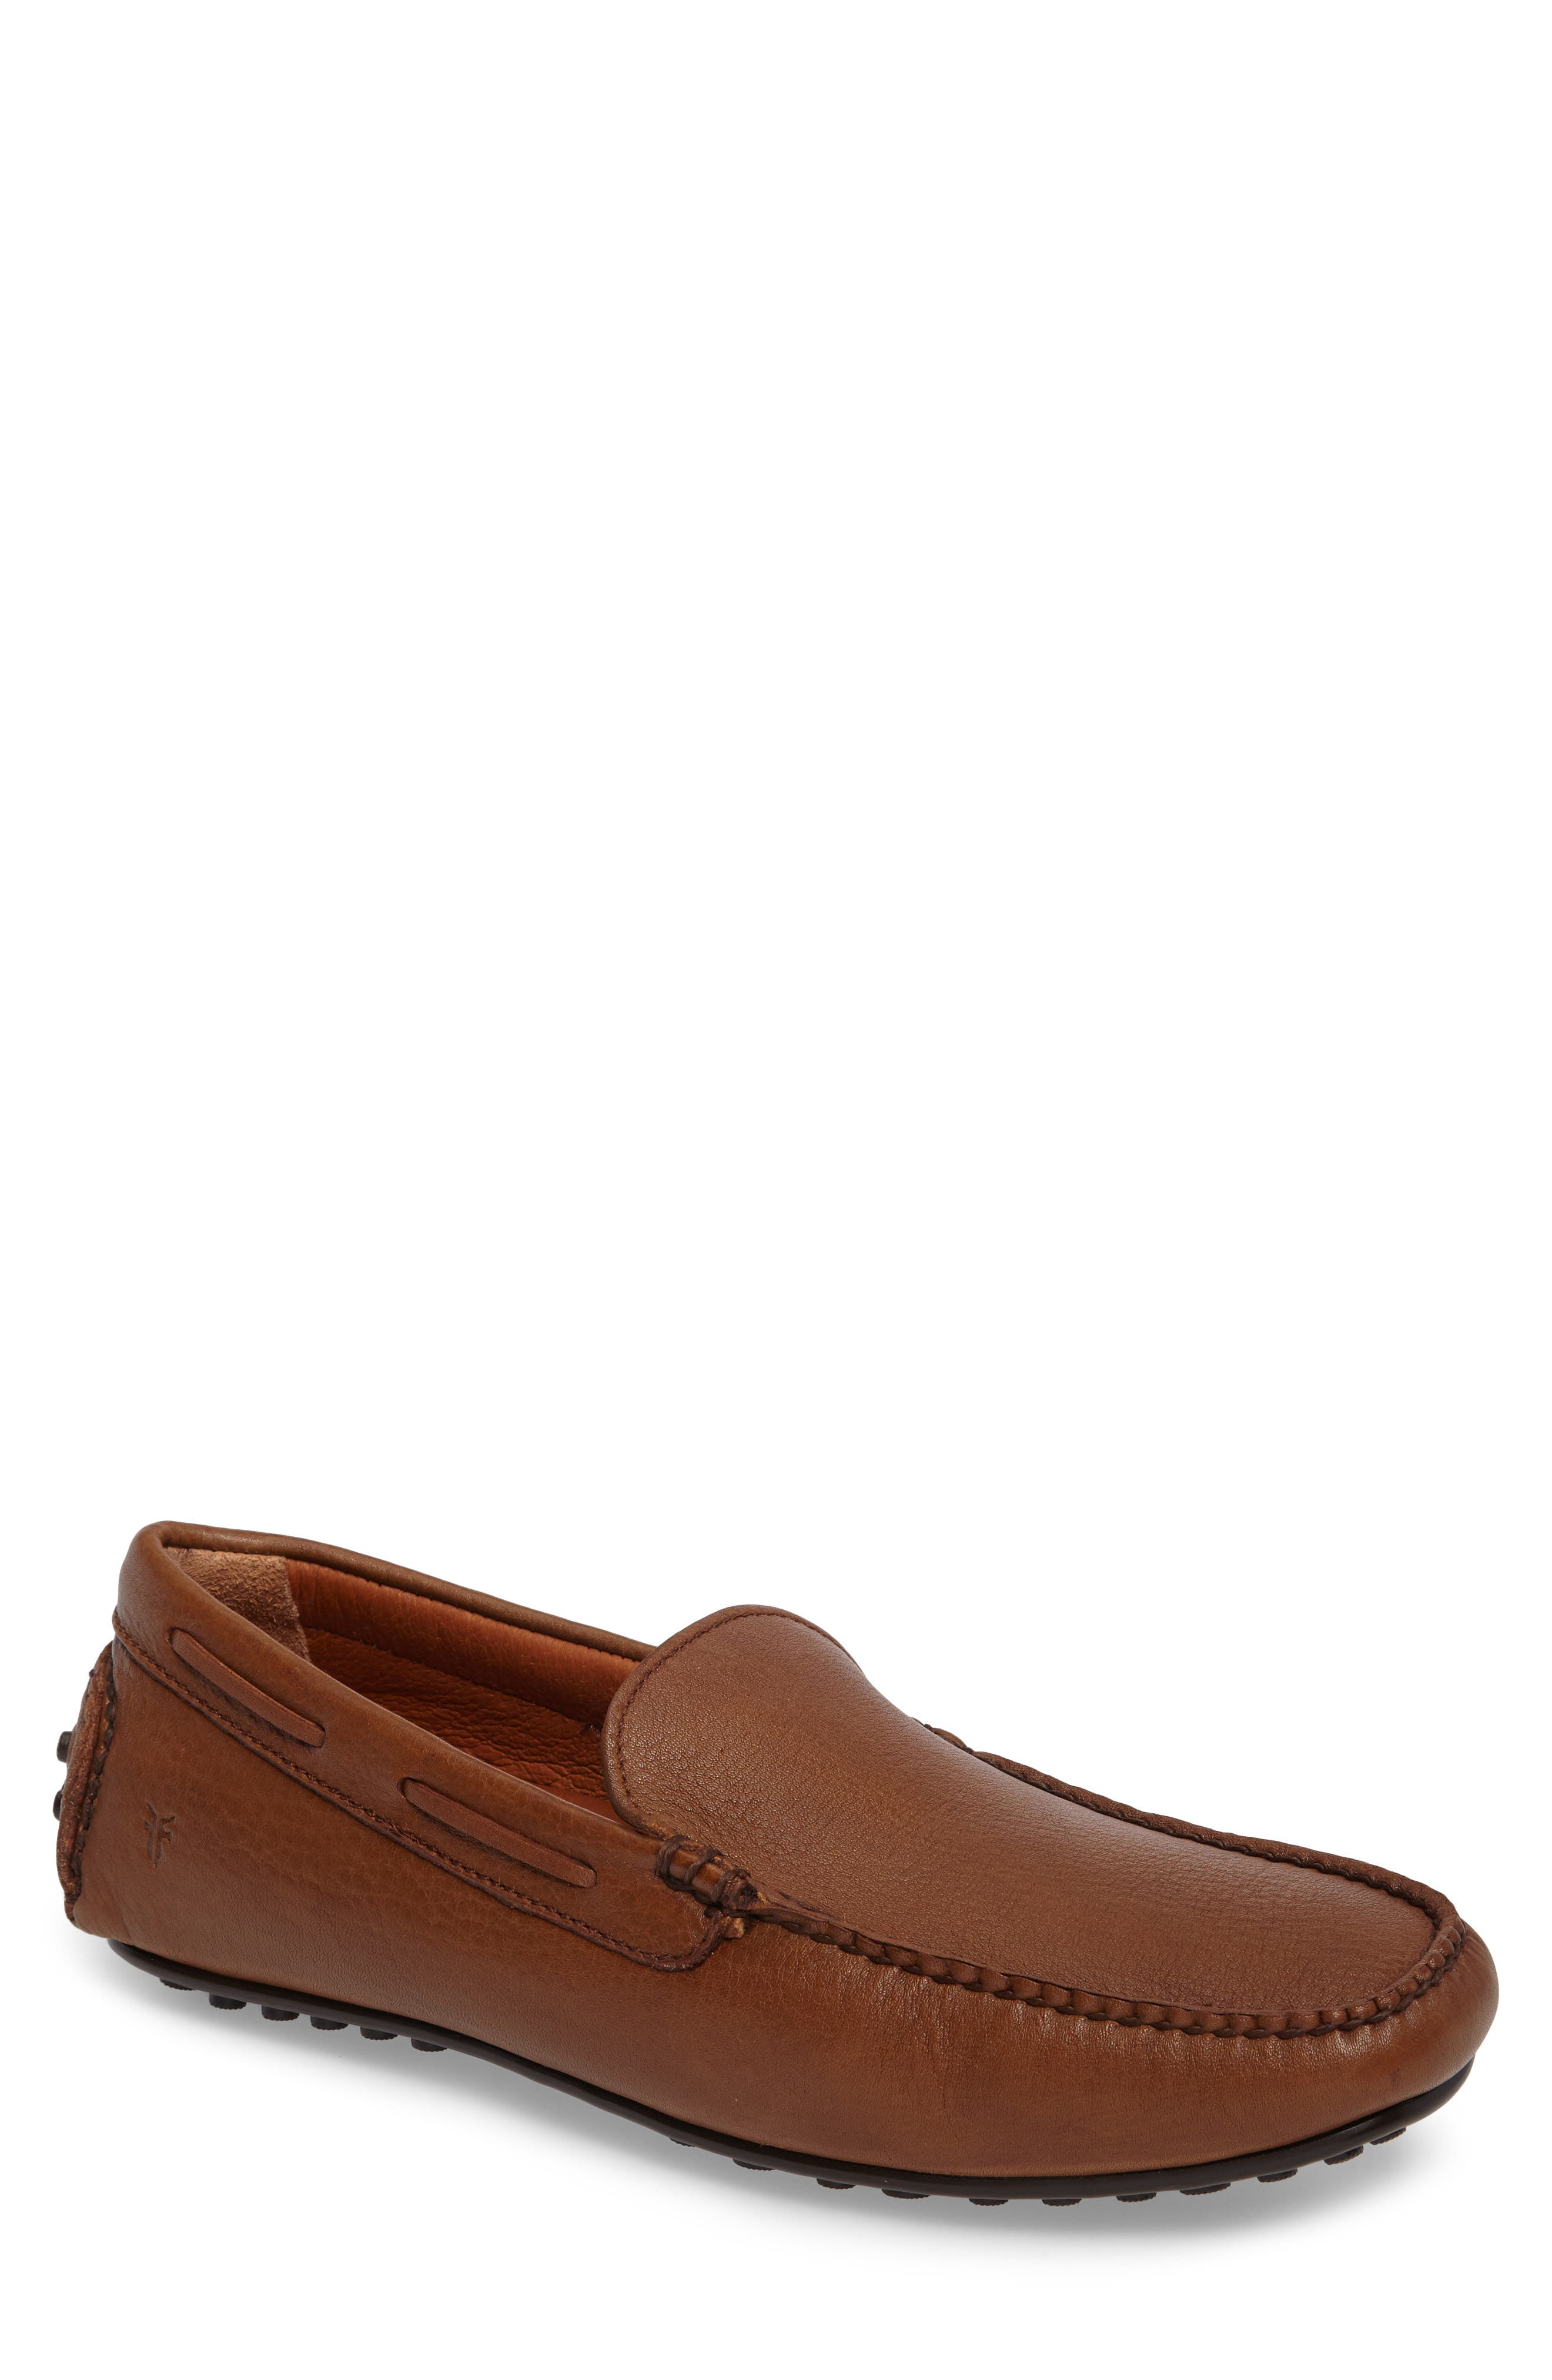 Allen Driving Shoe,                         Main,                         color, Cognac